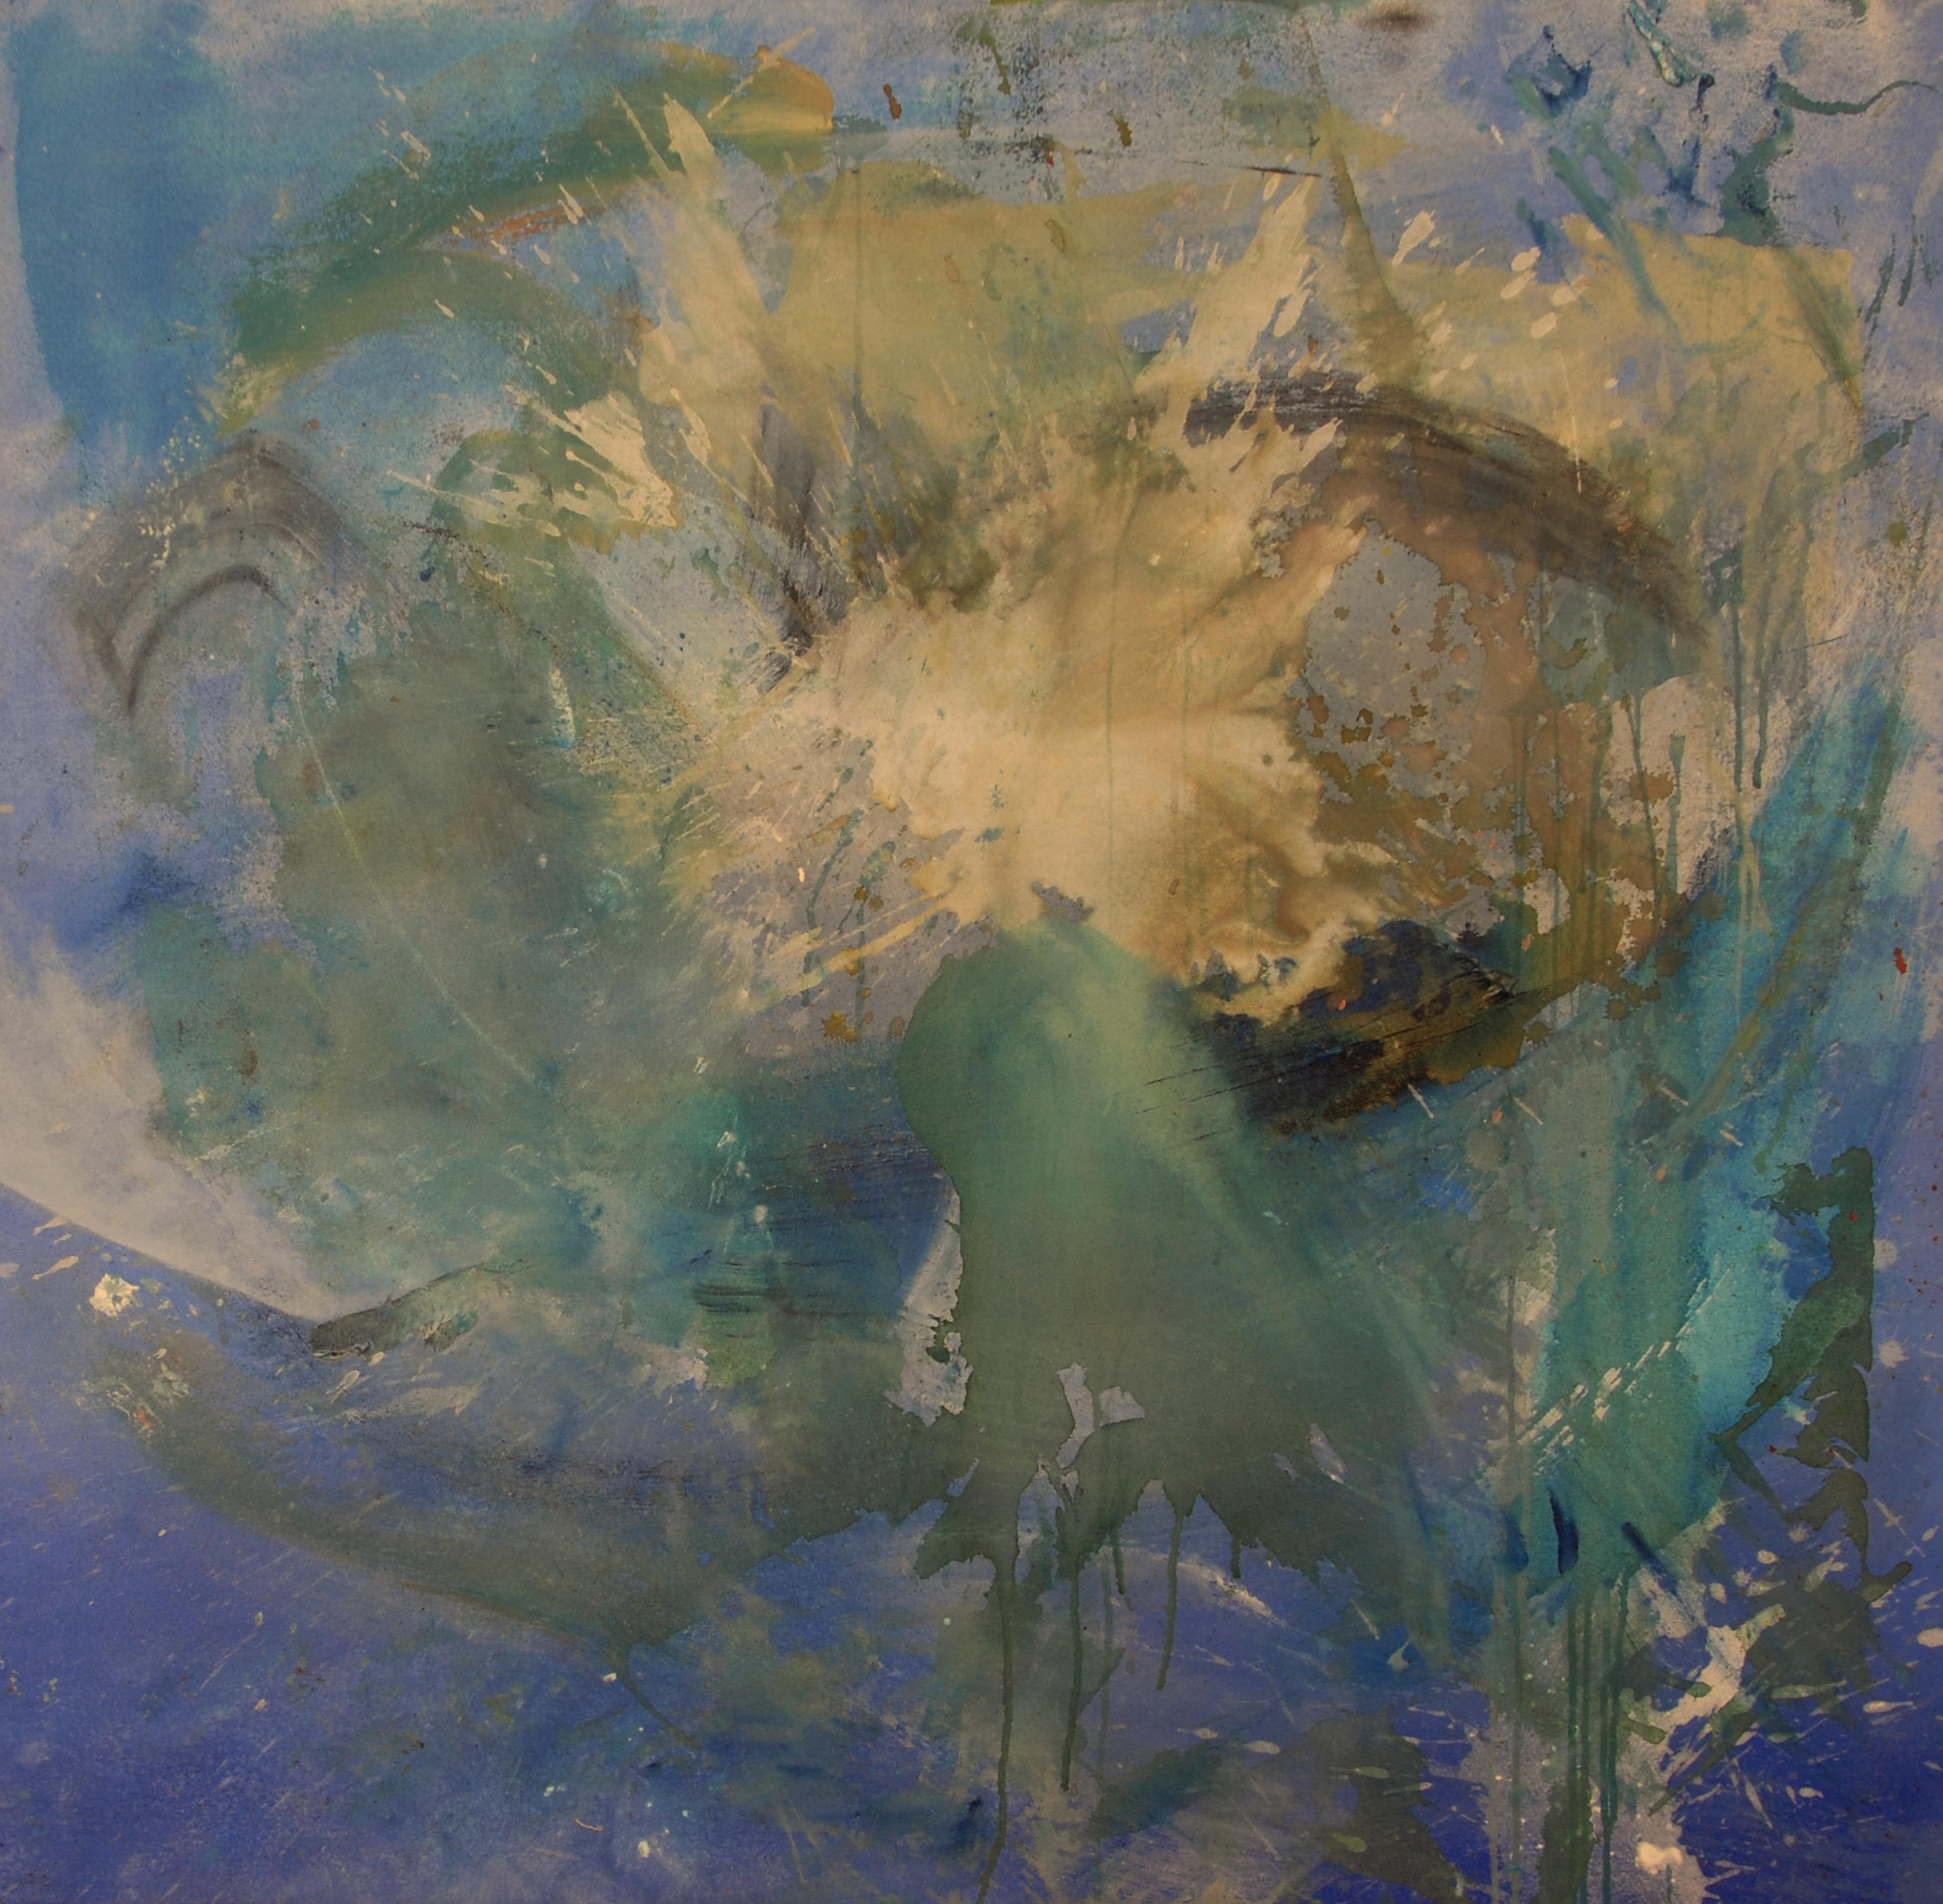 bahar dar (detail), 2013